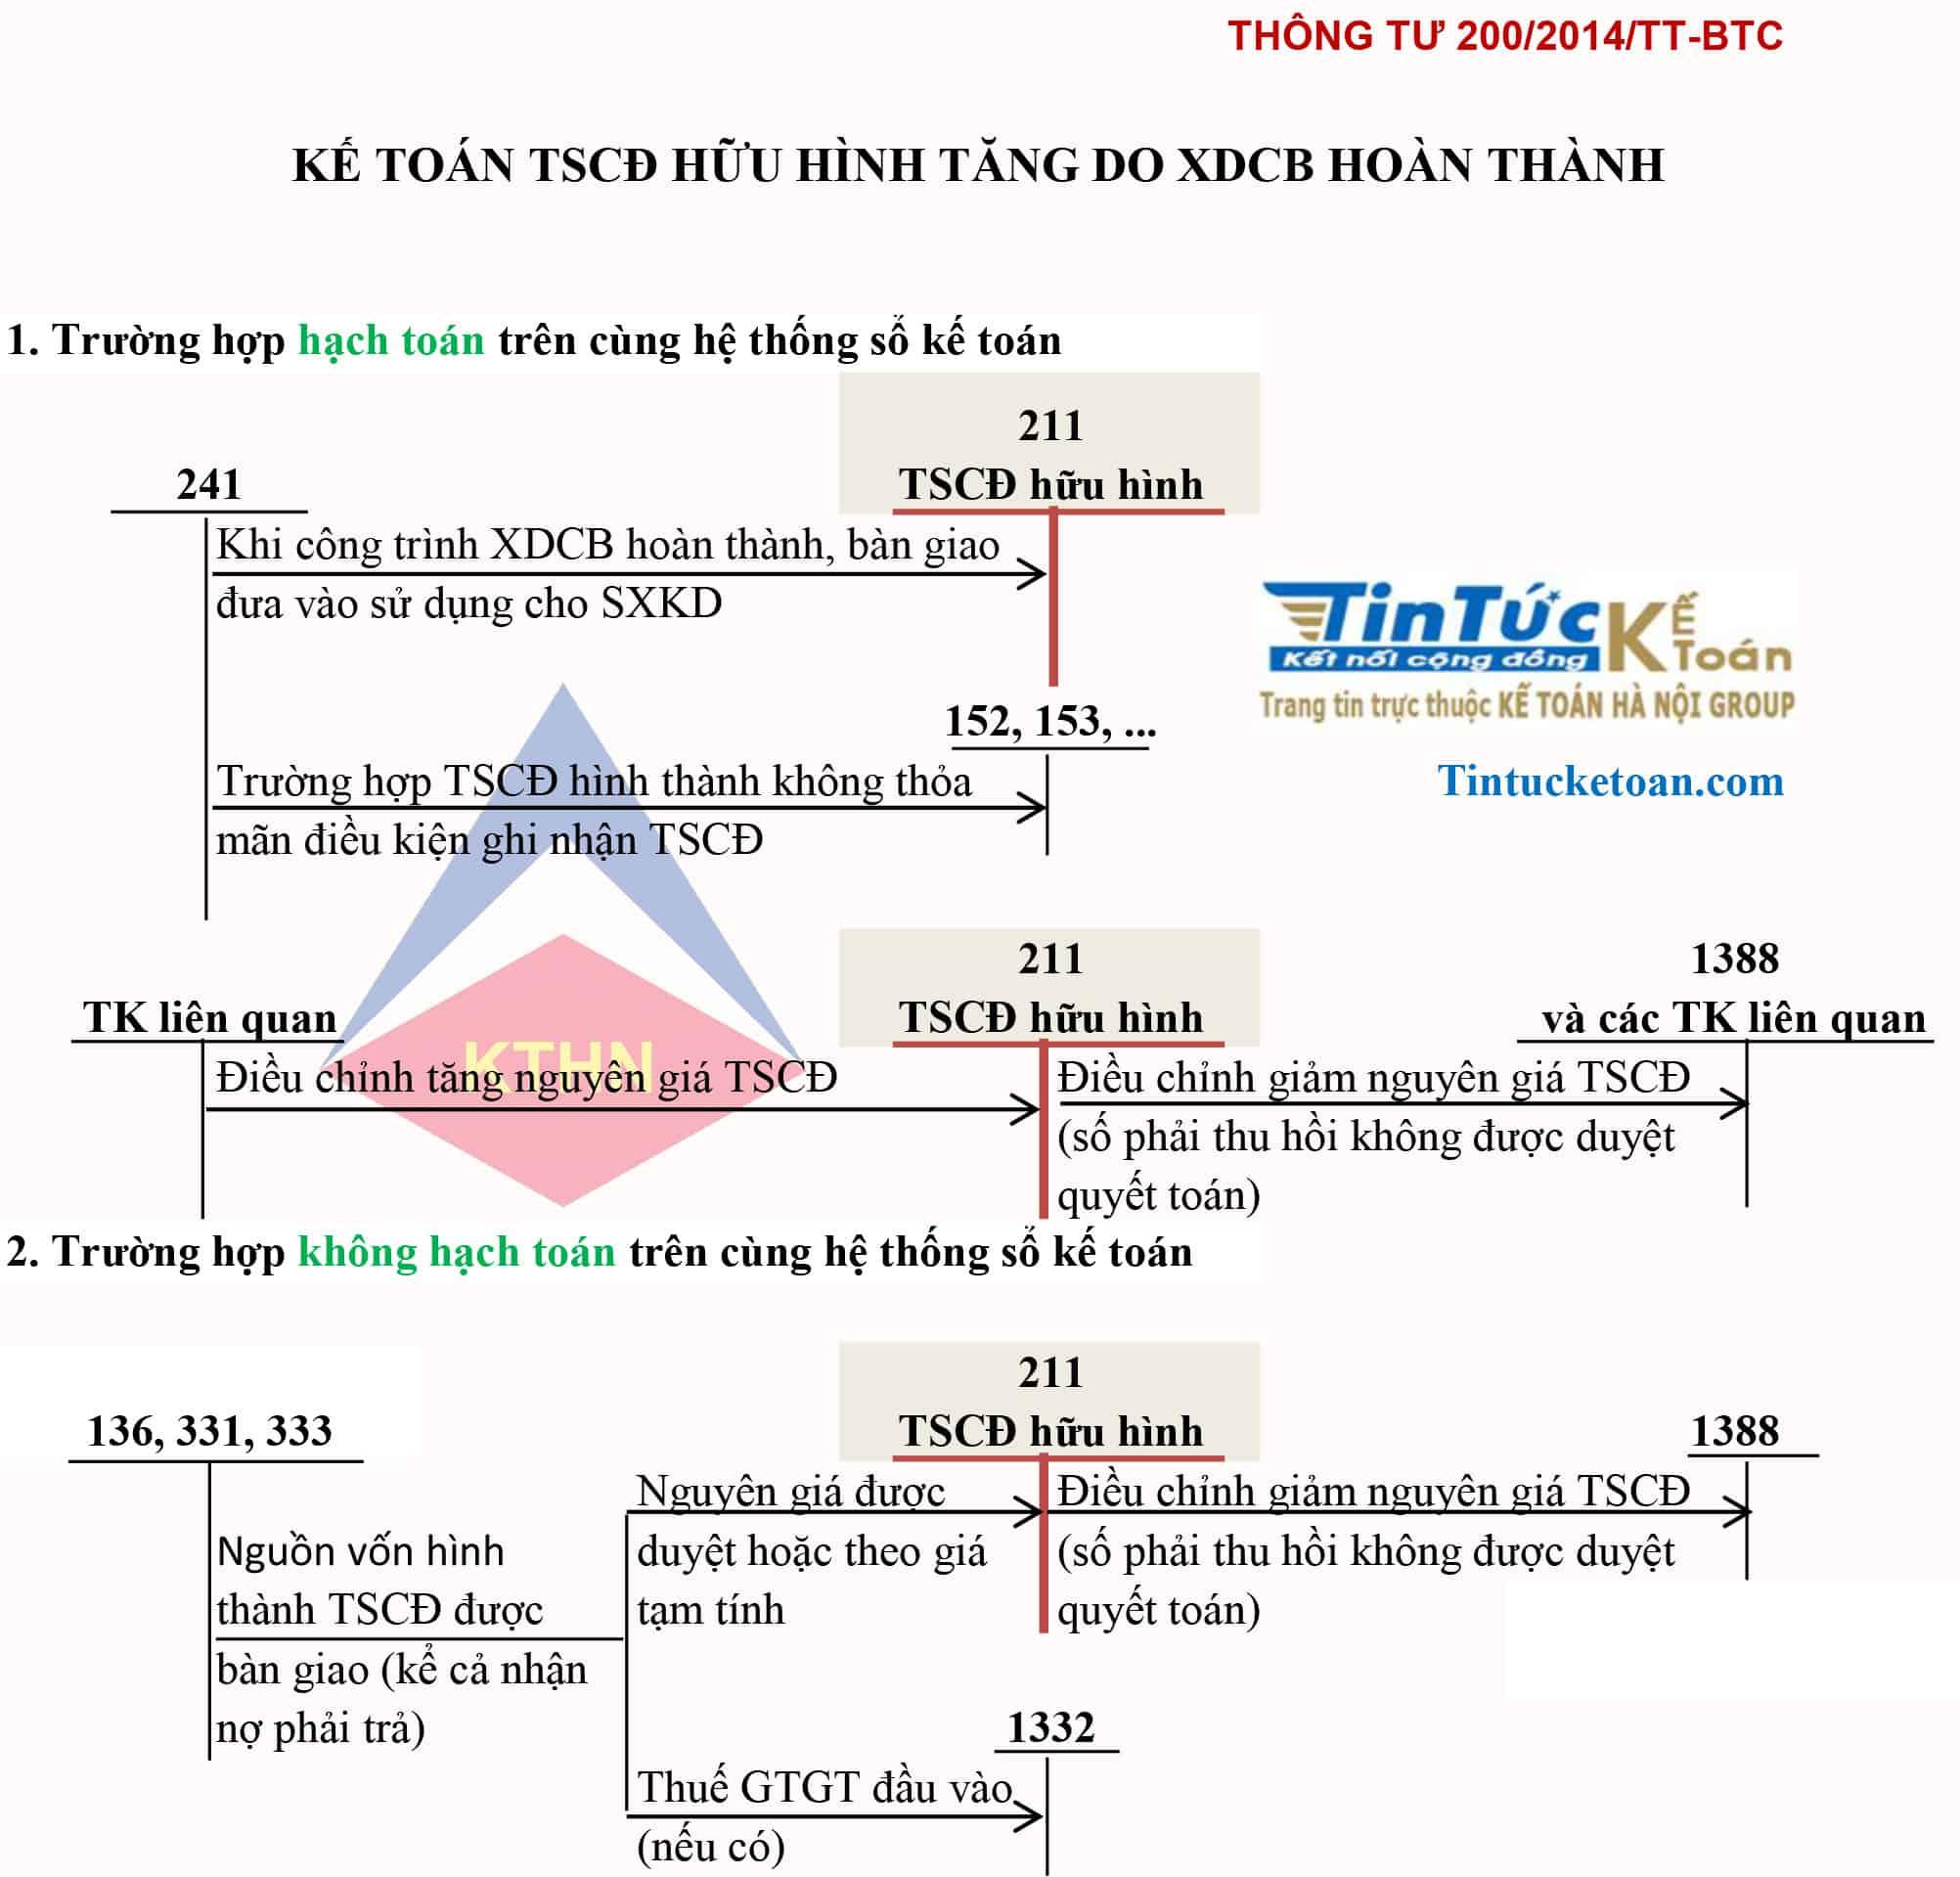 Sơ đồ kế toán TSCĐHH tăng do XDCB hoàn thành TT 200